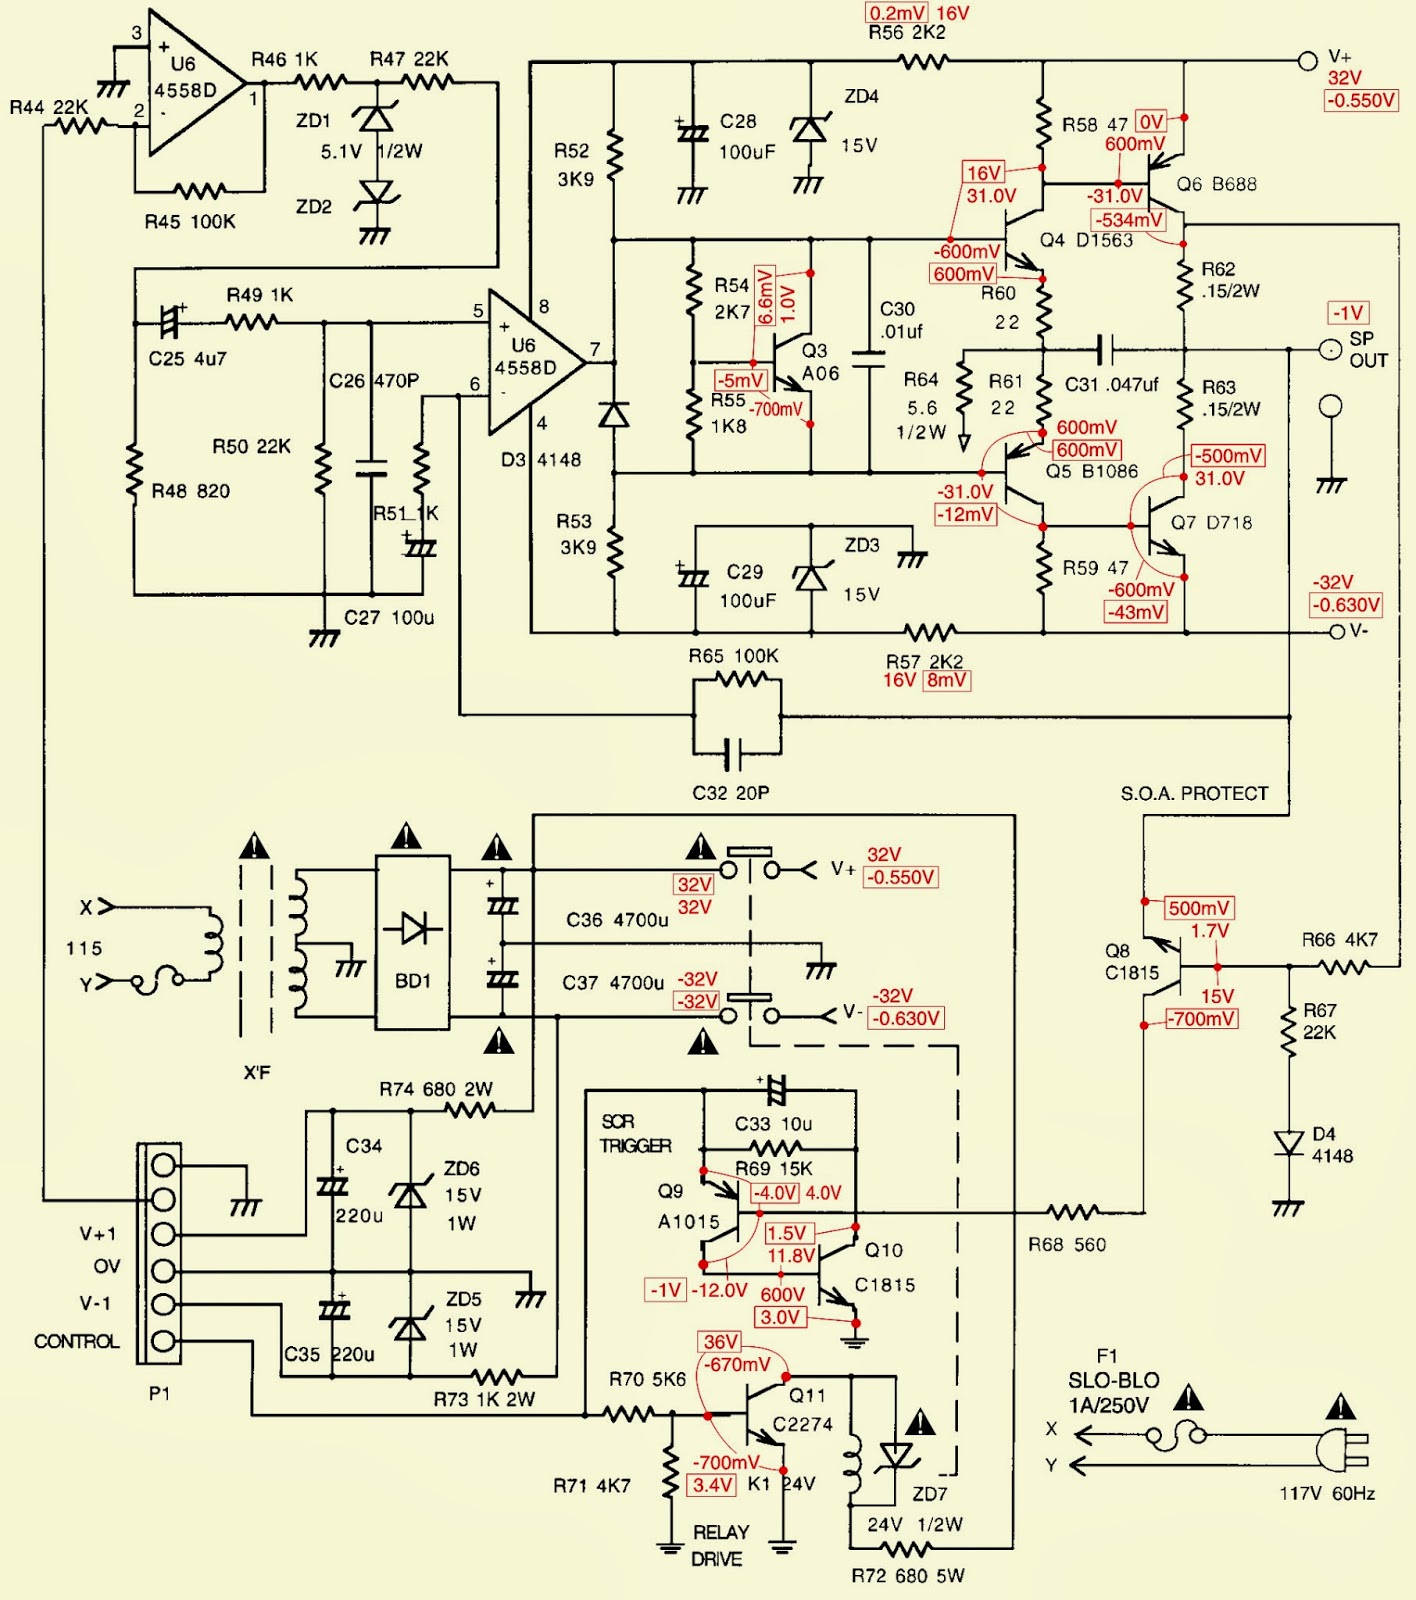 JBL ARC SUB TEST PROCEDURE SCHEMATIC DIAGRAM Circuit Diagram